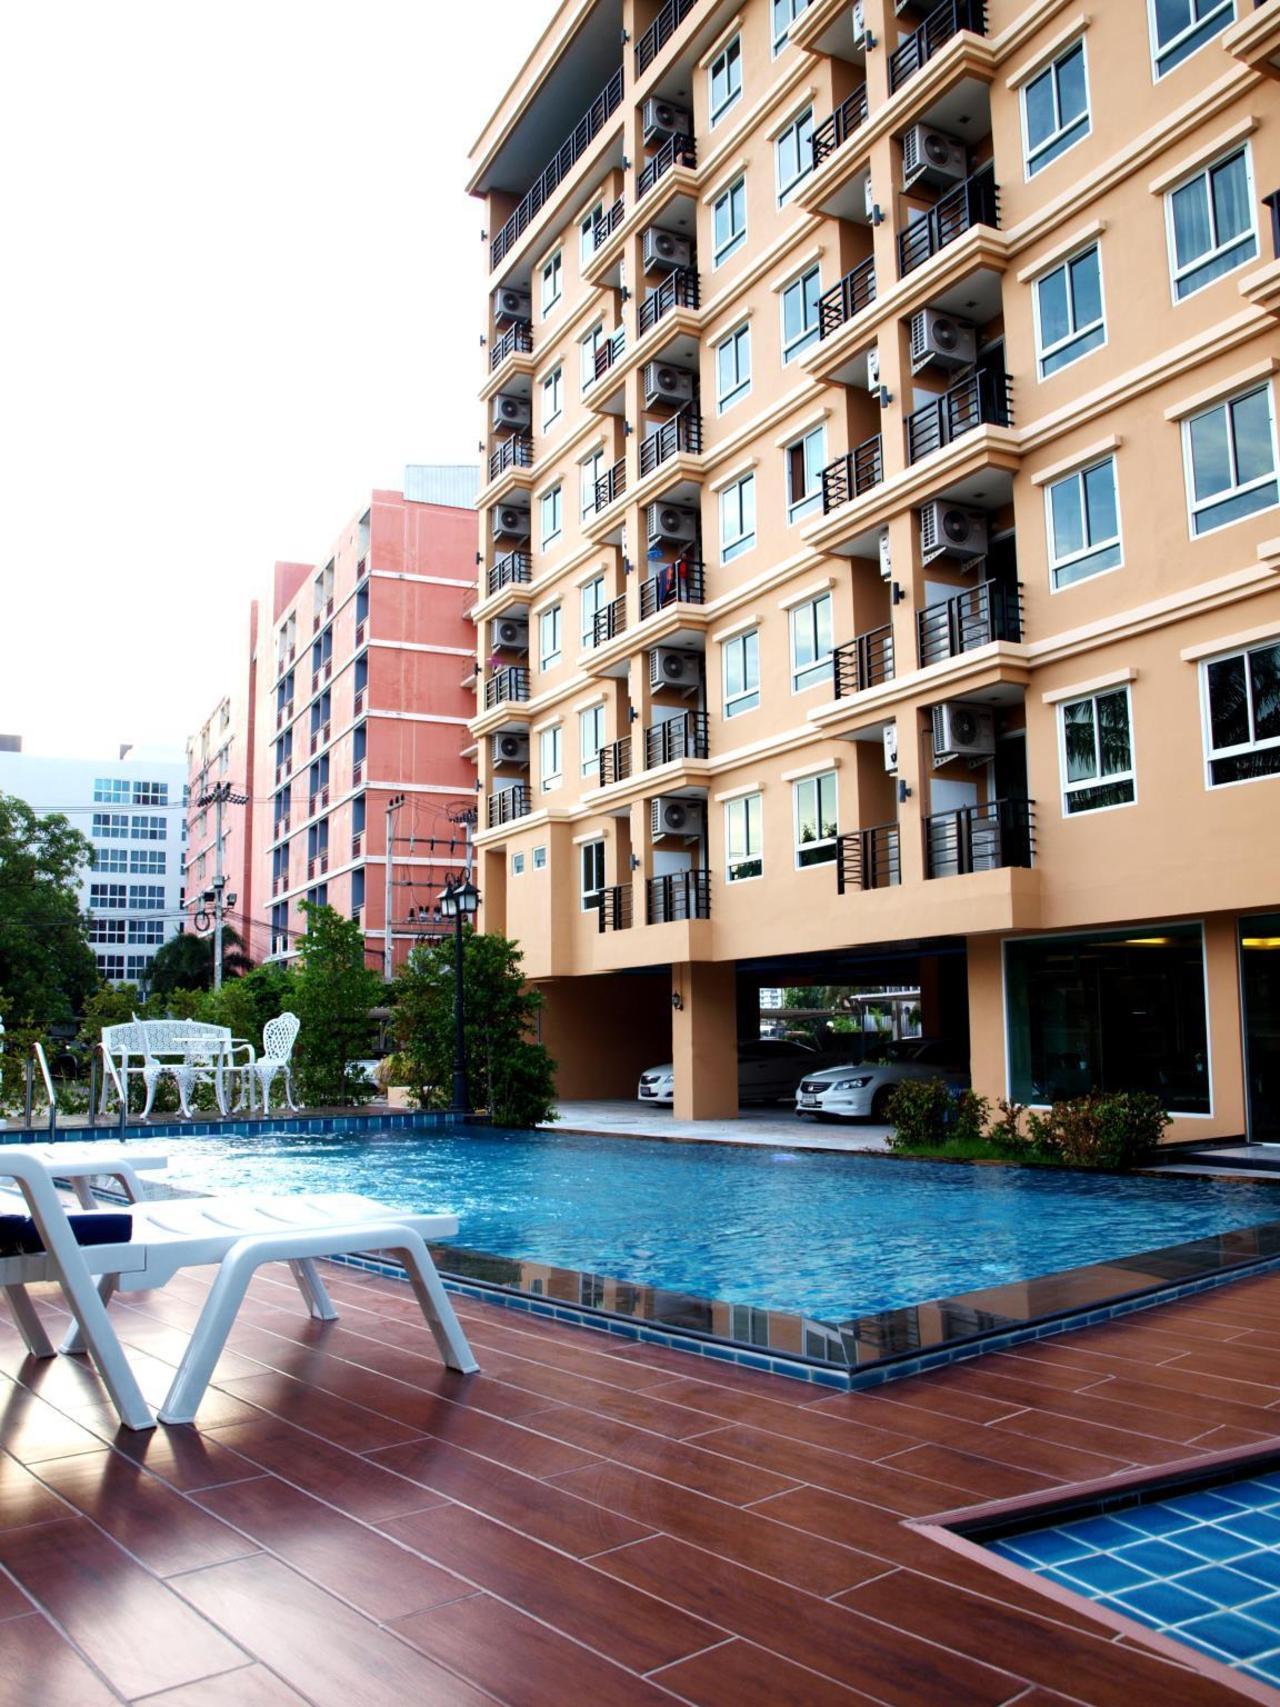 วี เรสซิเดนซ์ พัทยา (V Residence Pattaya)